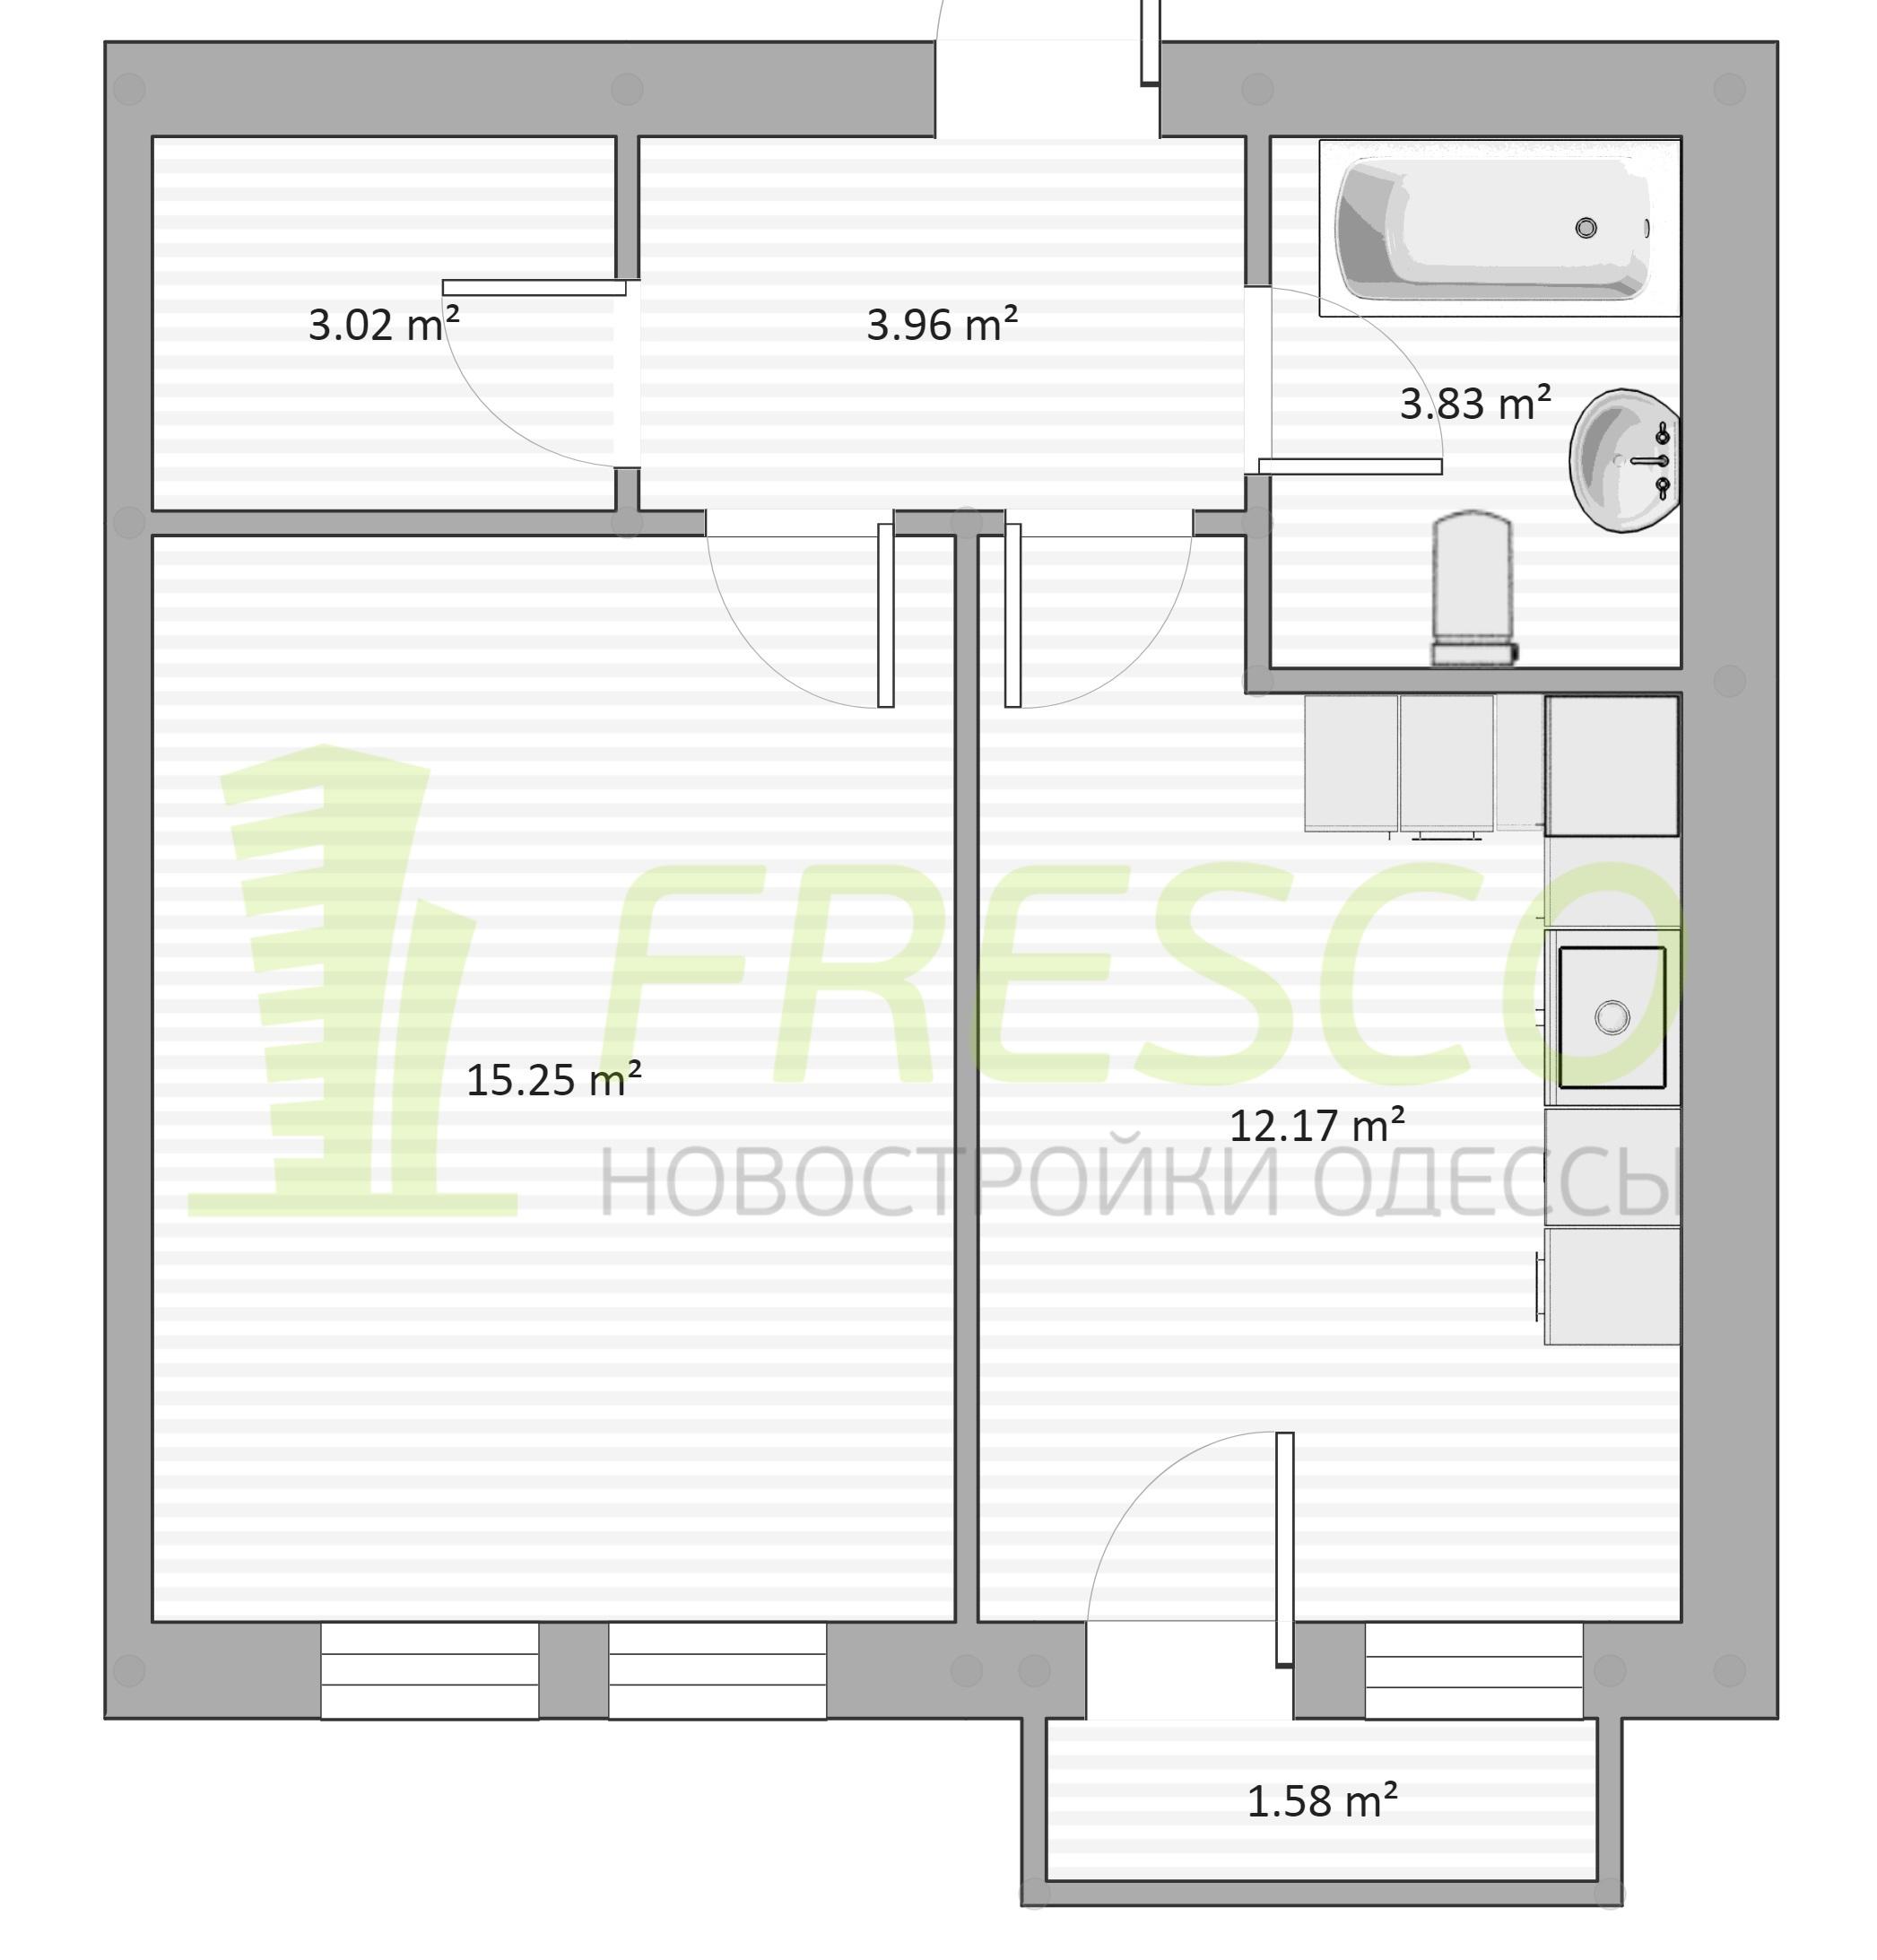 Однокомнатная - ЖК Chelsea club house (Клубный дом Челси)ПроданаПлощадь:38,87m²